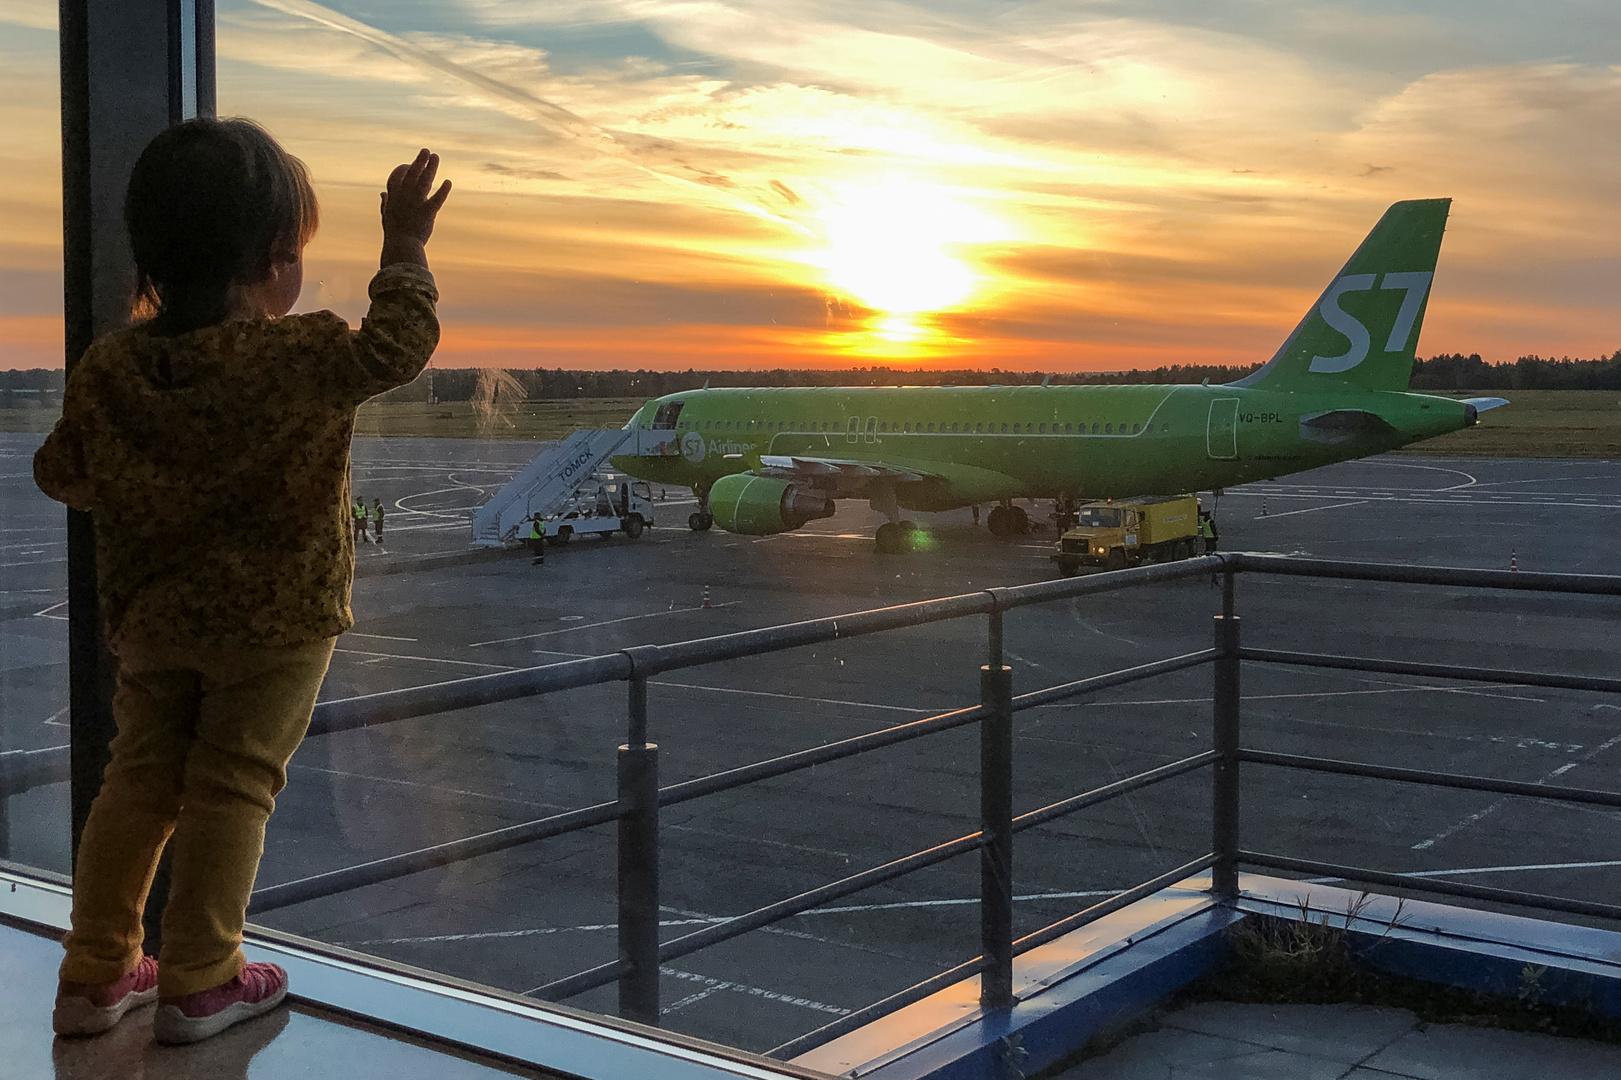 انخفاض حركة نقل الركاب لشركات الطيران الروسية بنسبة 46% في 2020